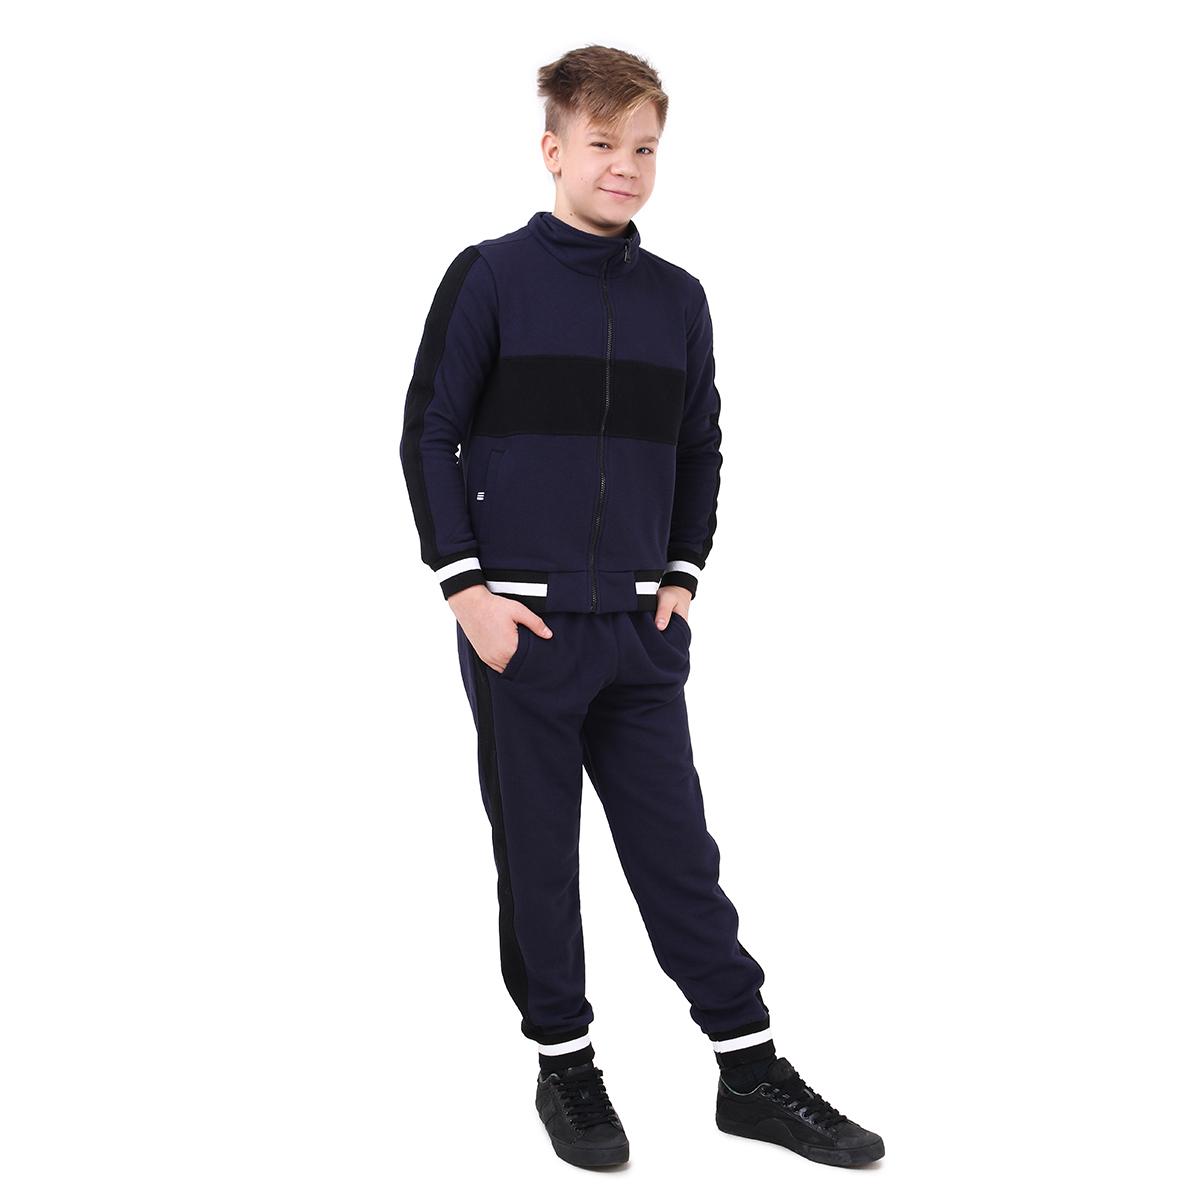 Спортивный костюм для мальчика Timbo Alan K045184 темно-синий